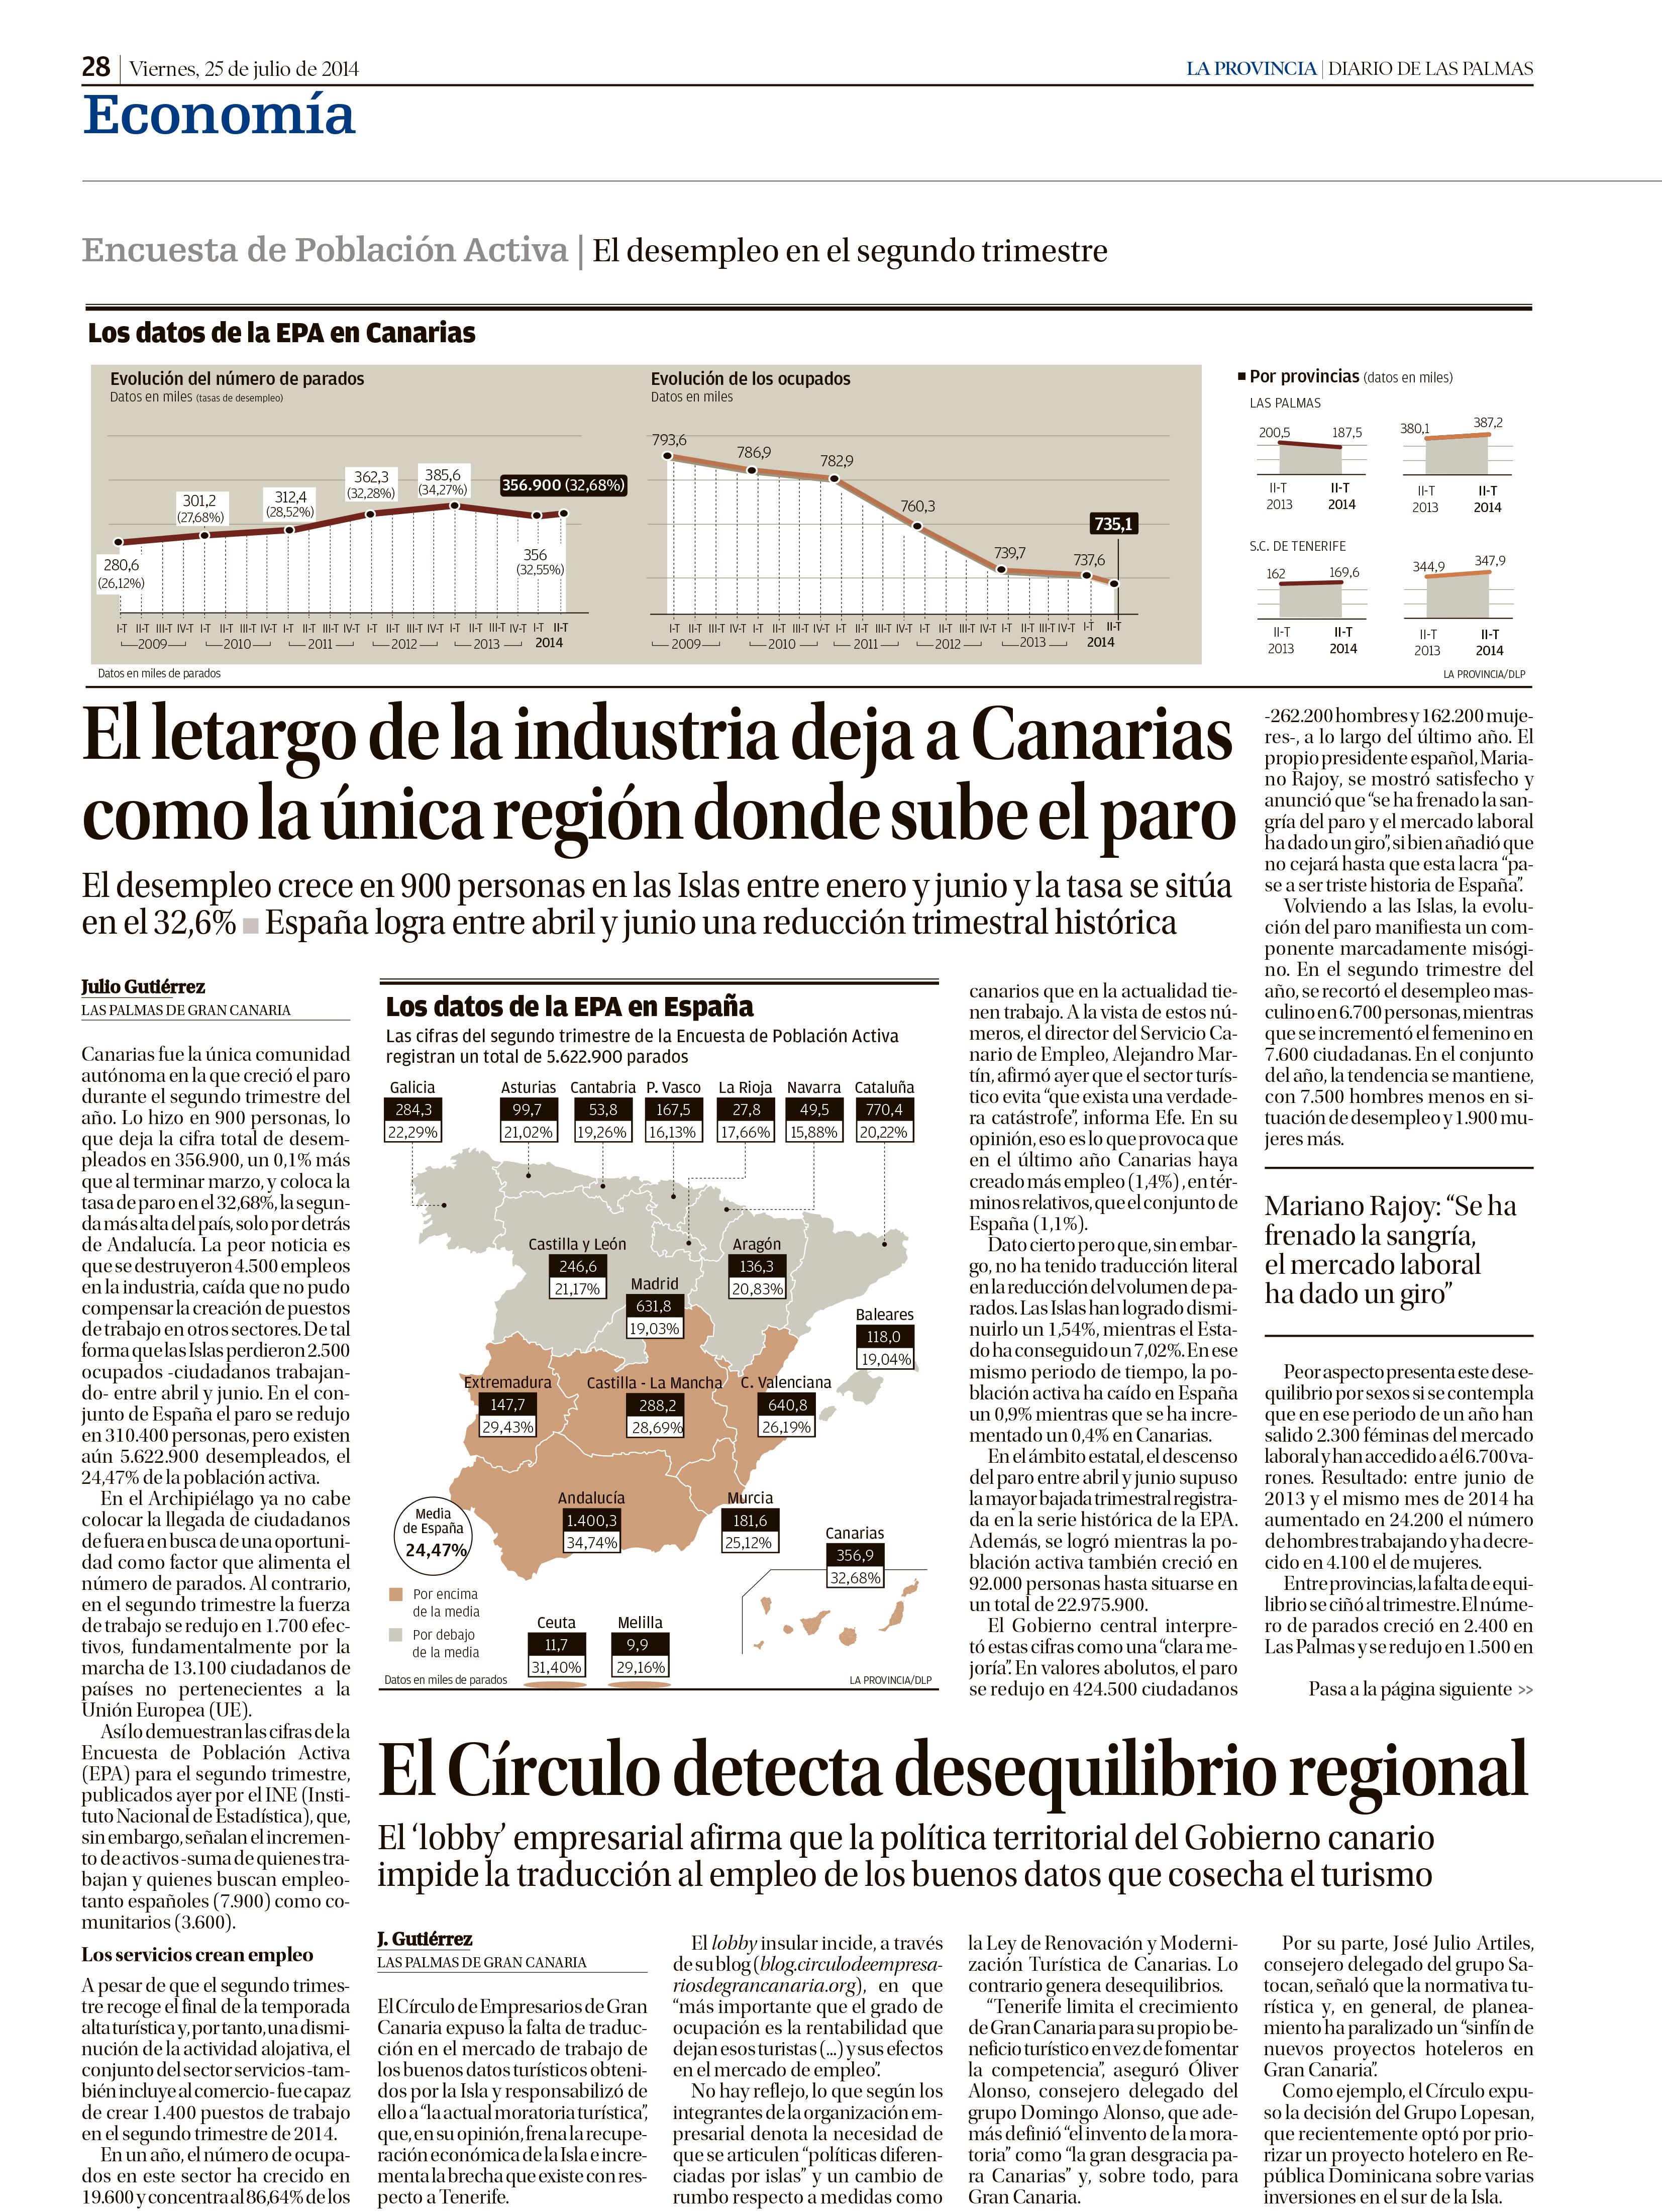 El Círculo de Empresarios de Gran Canaria, en La Provincia